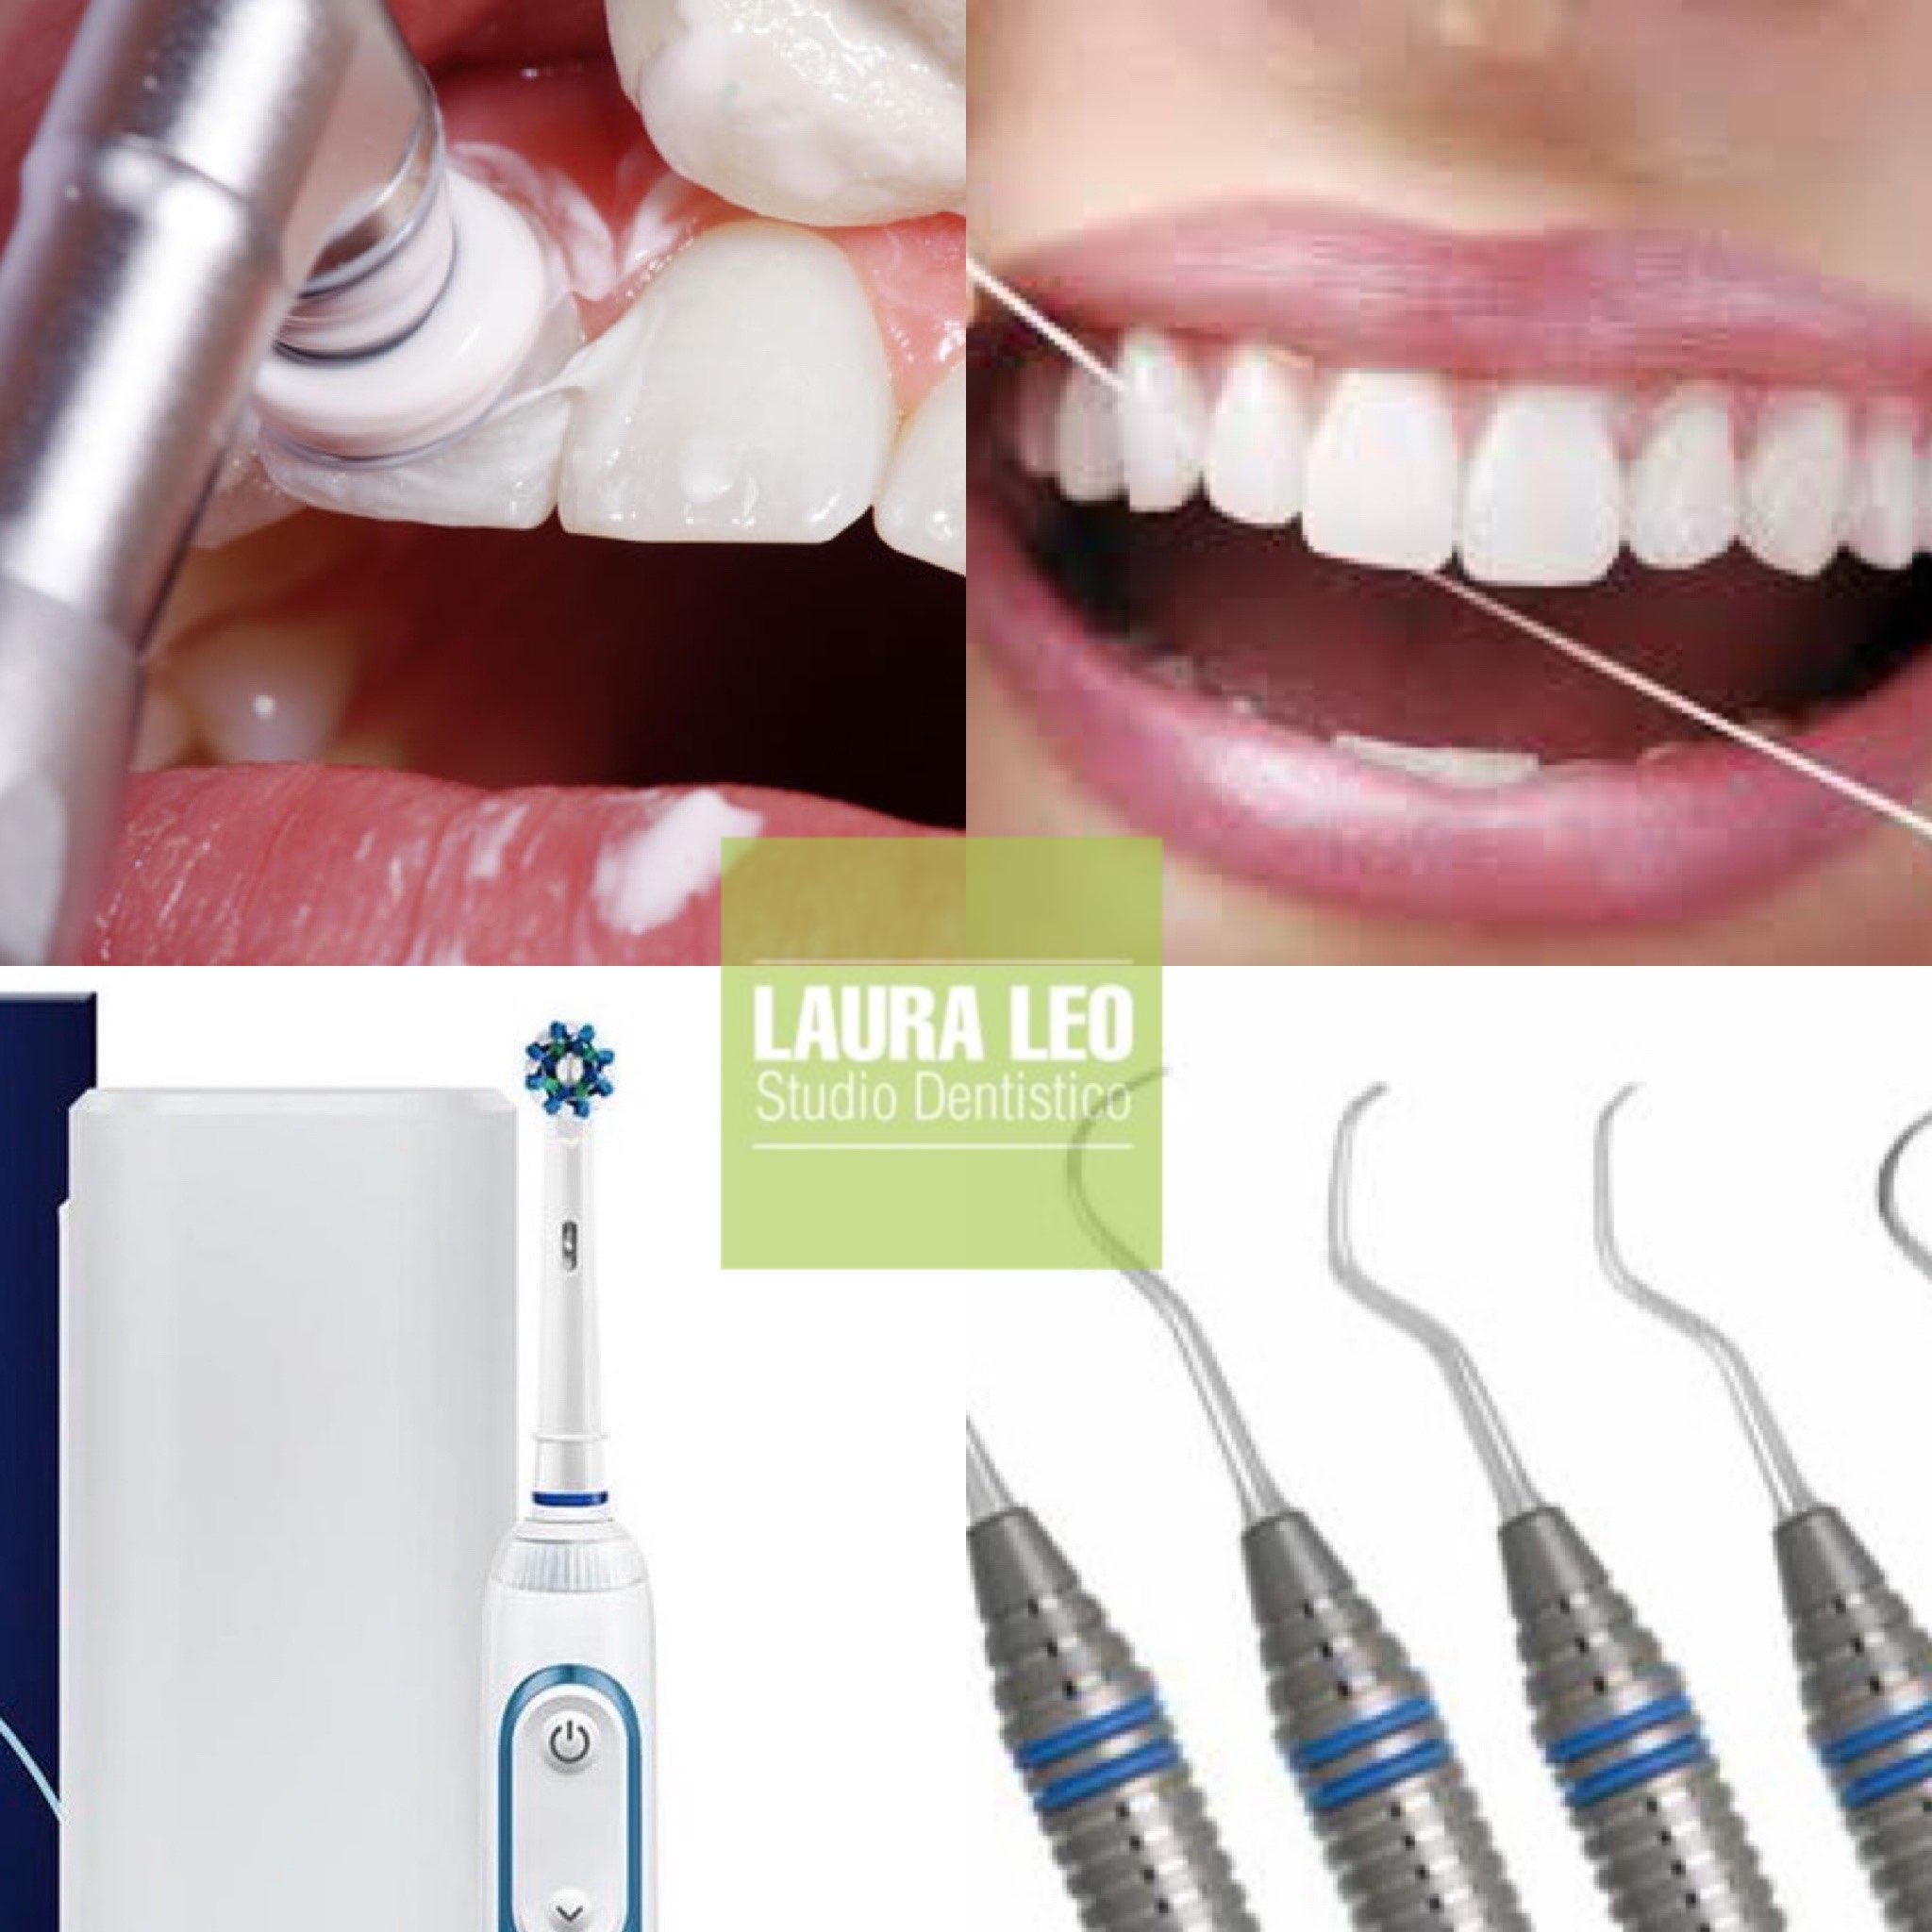 Studio Dentistico Laura Leo - Terapie - IGIENE E PROFILASSI